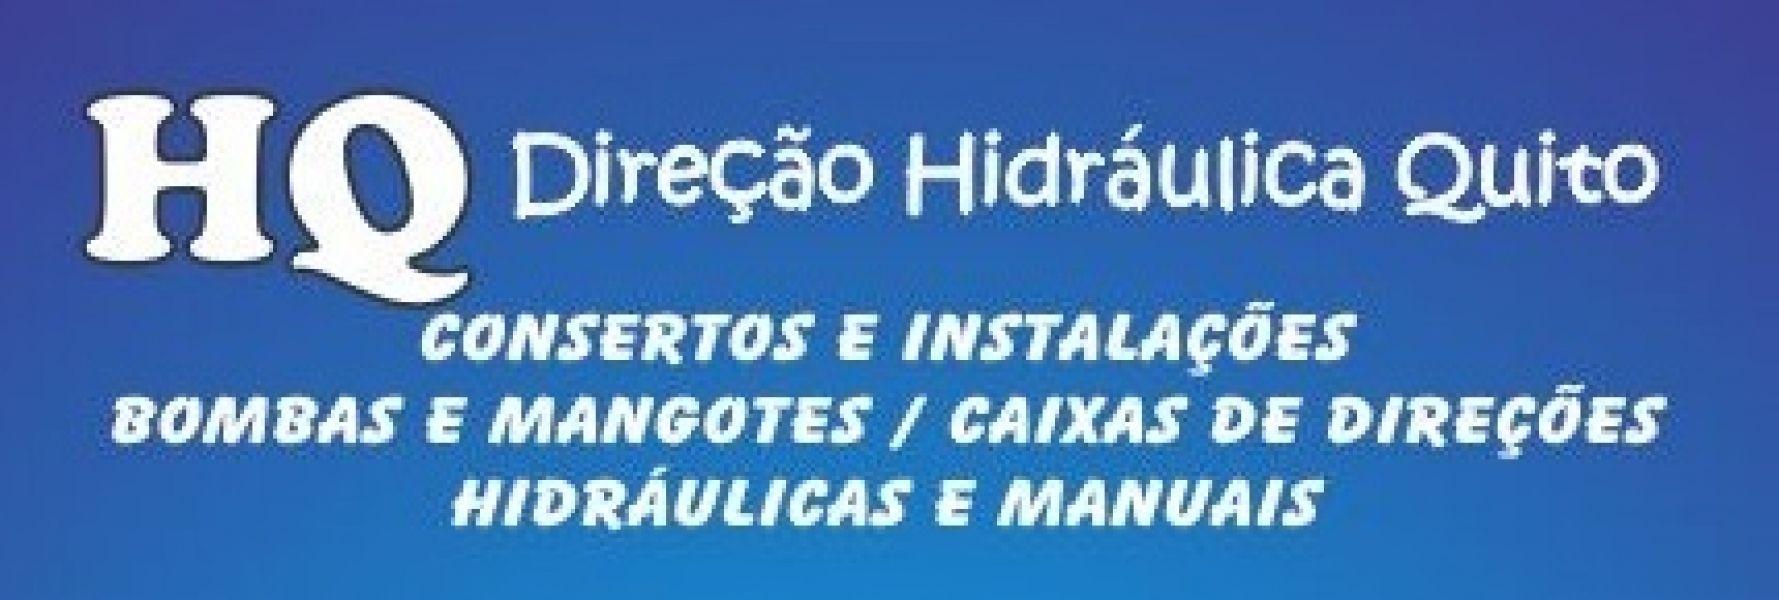 HQ Direção Hidráulica Quito (RJ)